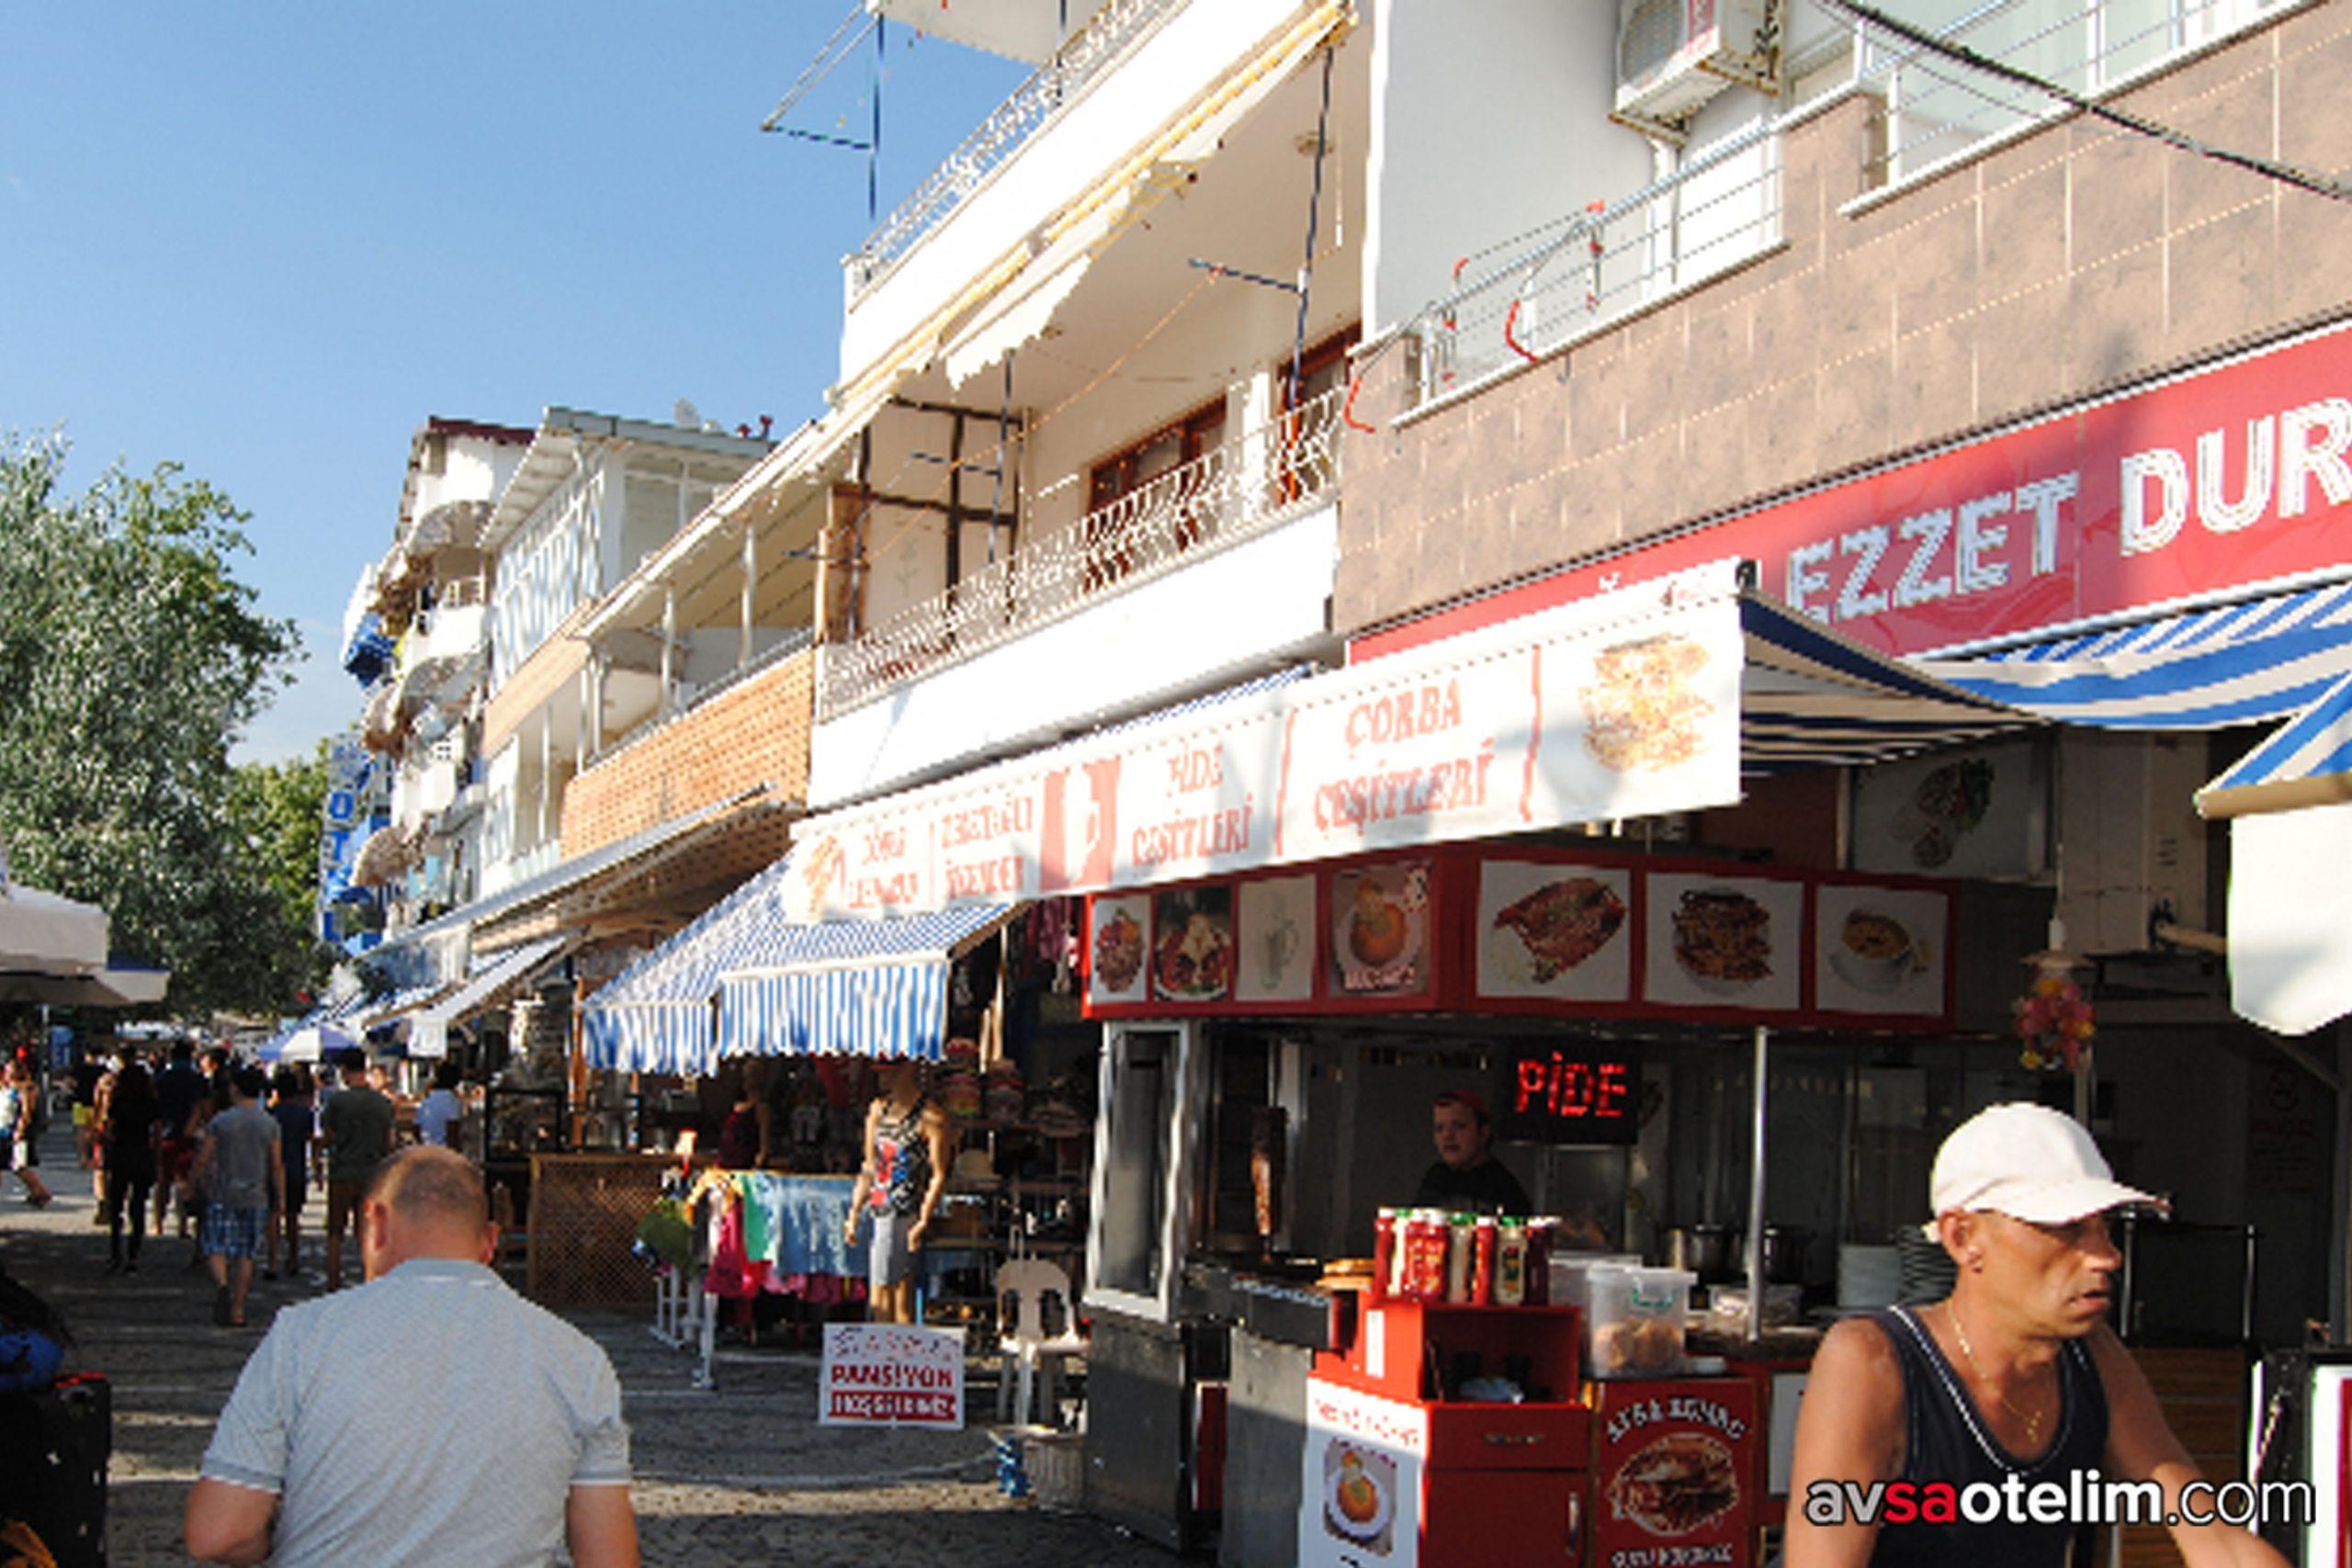 Avşa Adası Lezzet Durağı Restoran